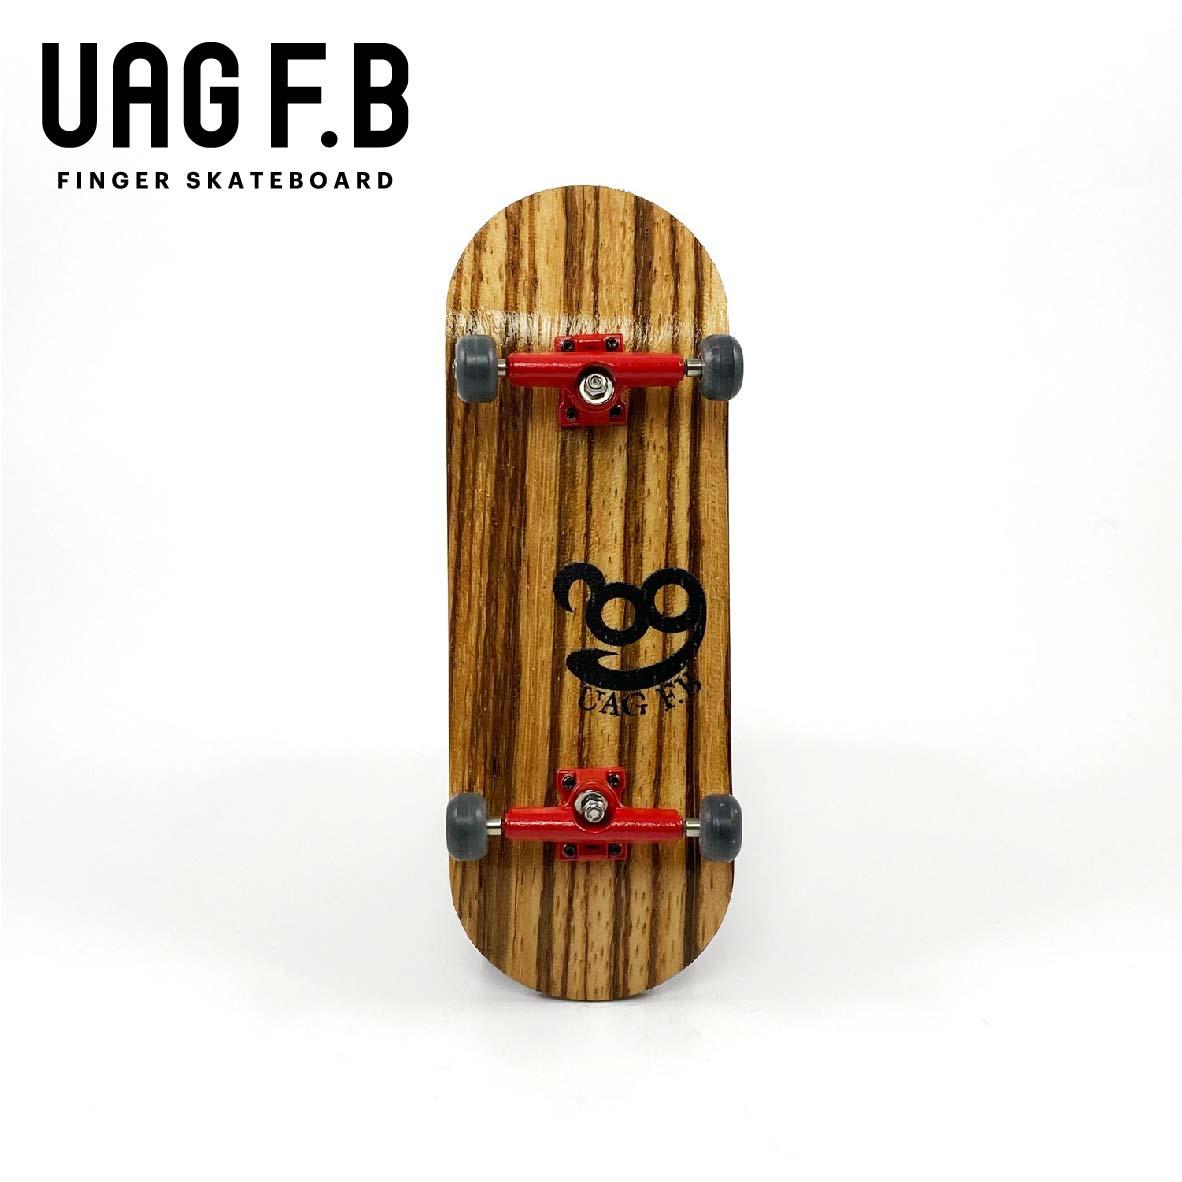 これから始めたい方にオススメ 全店販売中 価格とクオリティーにこだわったUAG F.Bの定番モデル UAG F.B 《UAG skate Zebra 送料無料 指スケ リミテッドコンプリート》 board finger